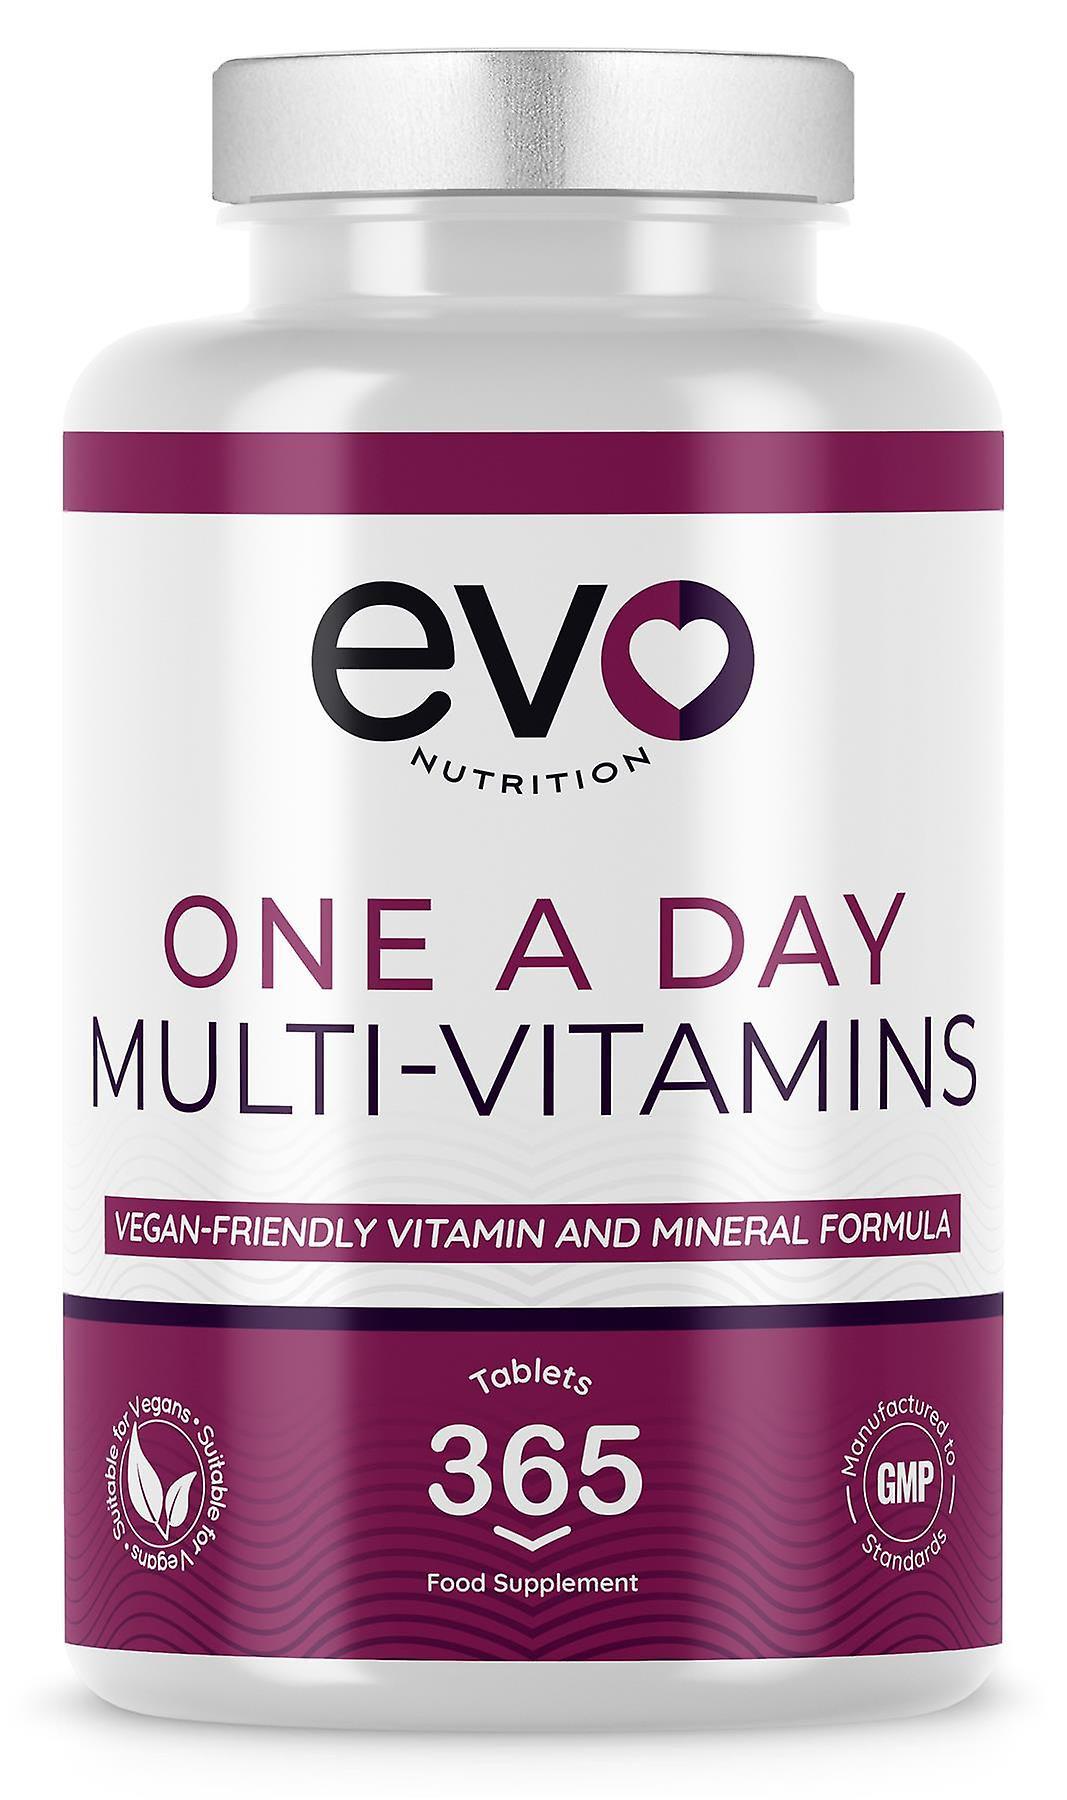 Multi Vitamins (365 Tablets) Multivitamin & Mineral Formula - Evo Nutrition